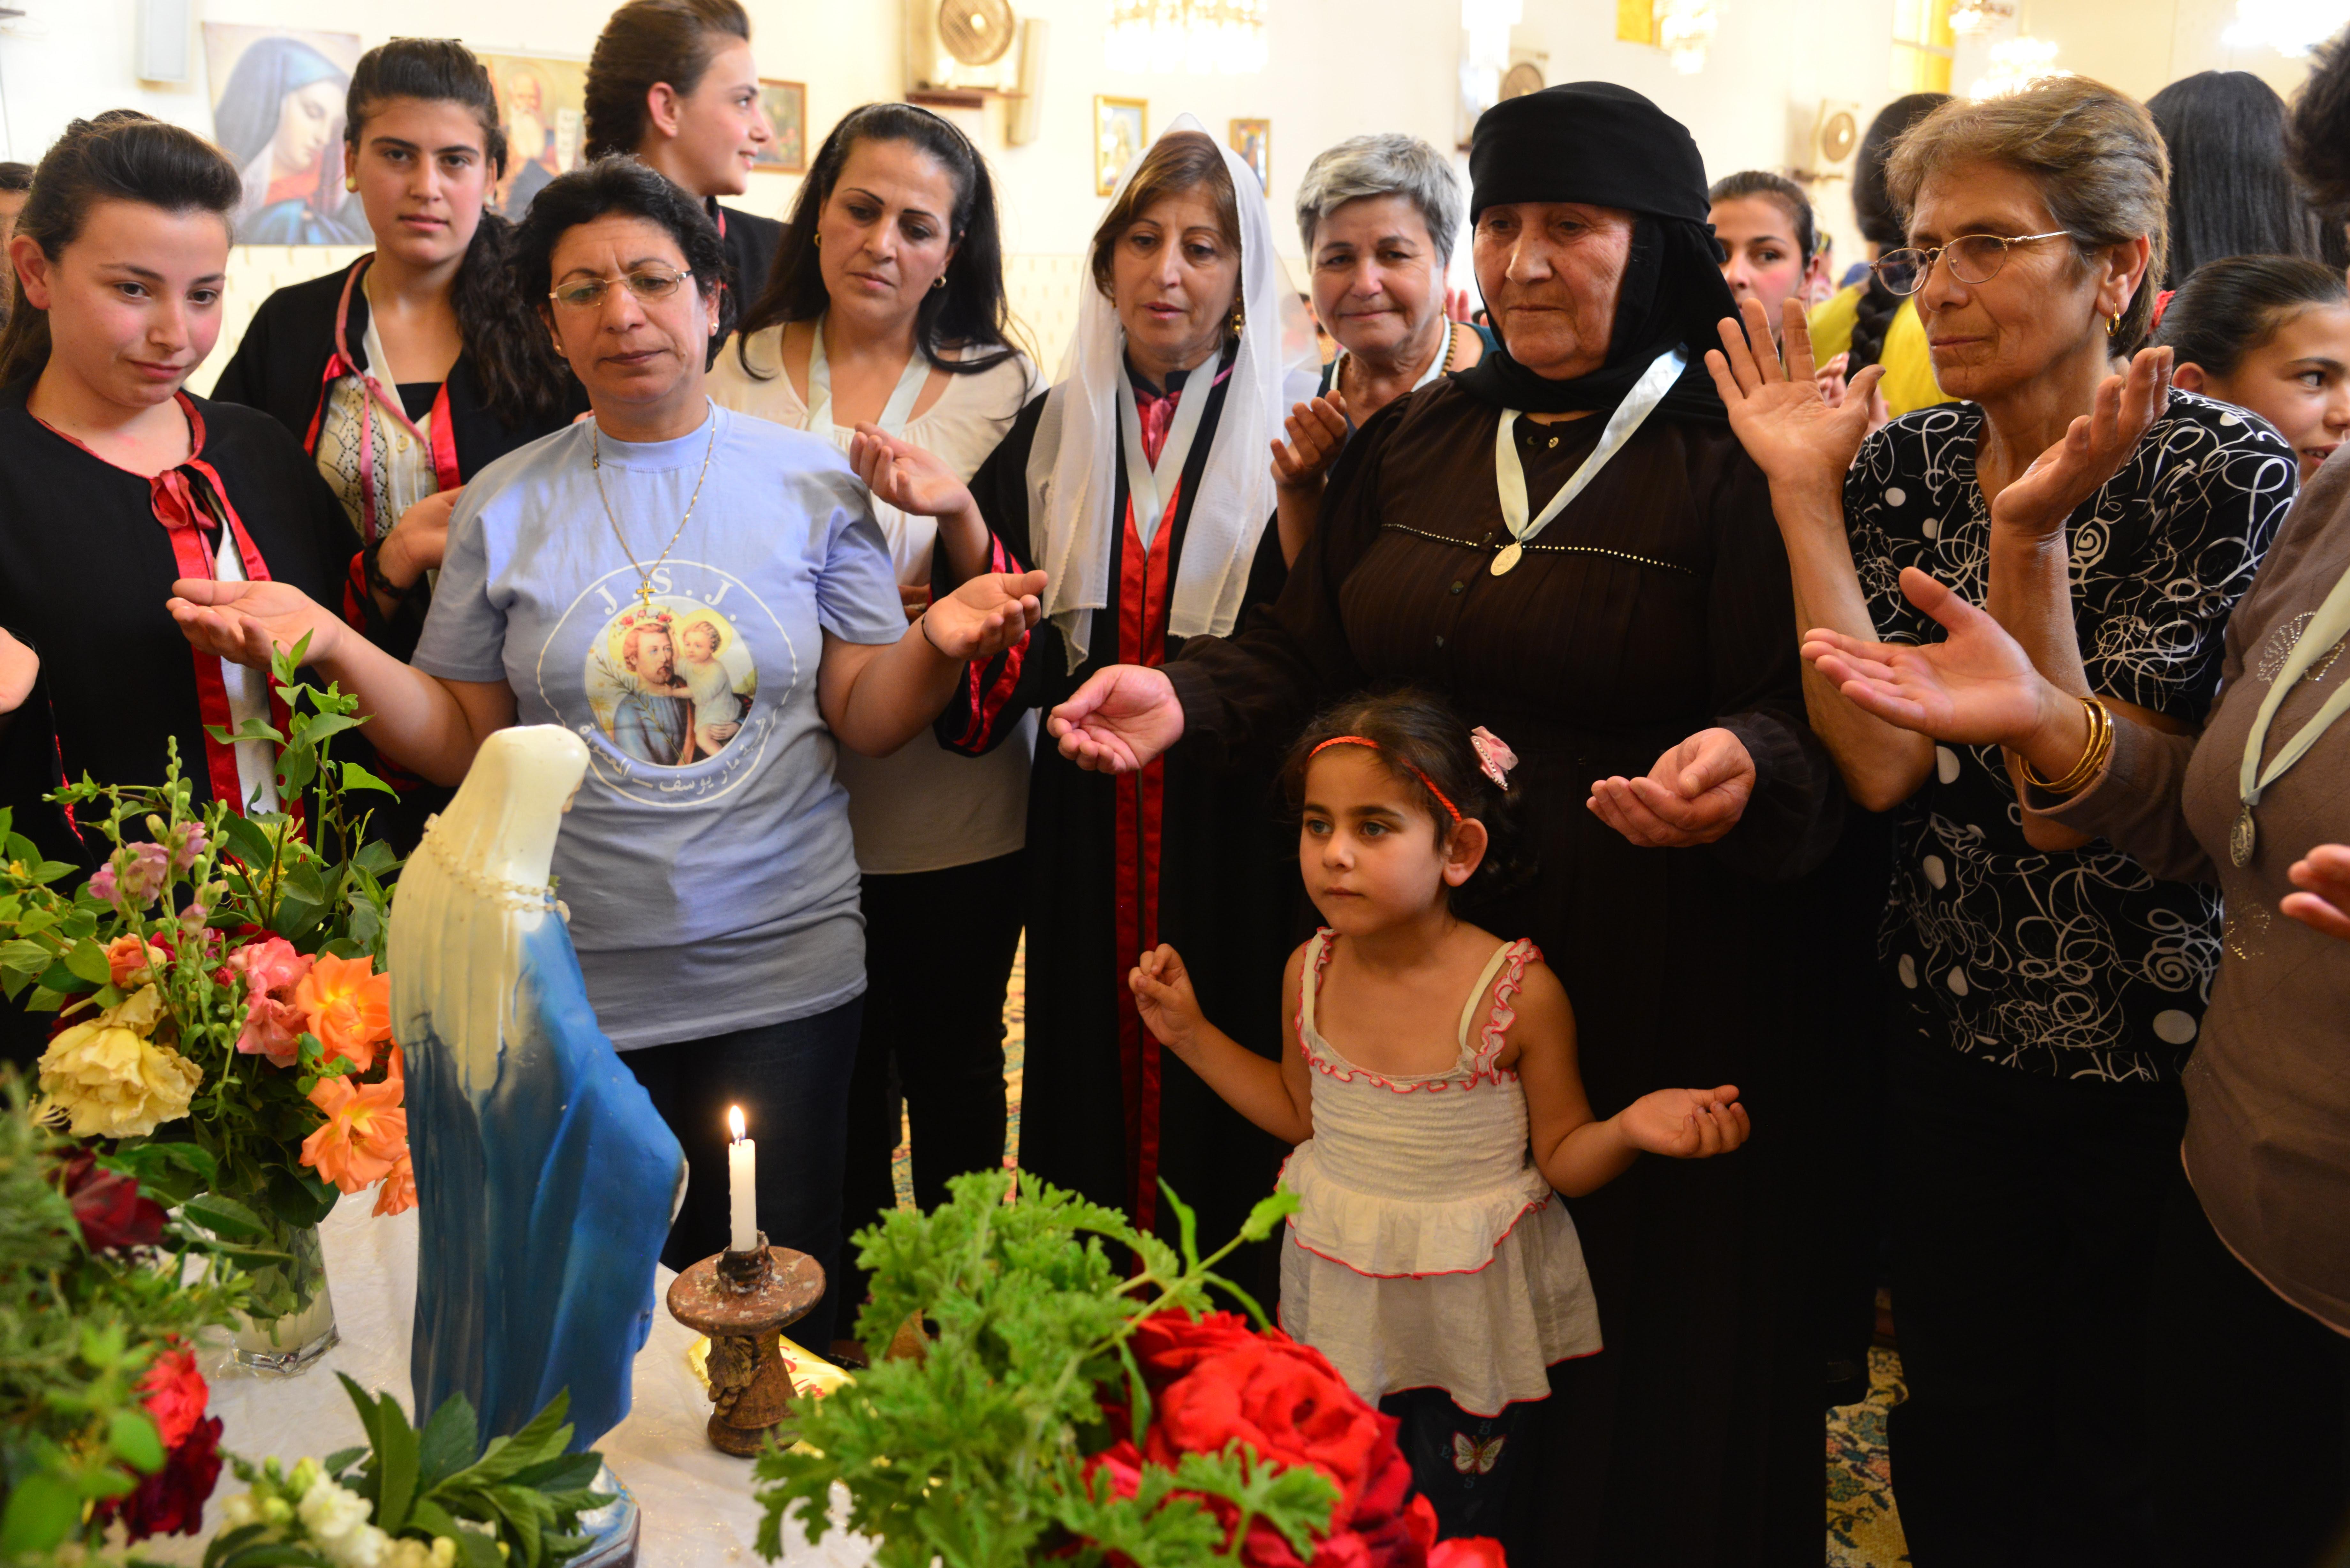 Comunidad católica de Siria © Ayuda a la Iglesia Necesitada